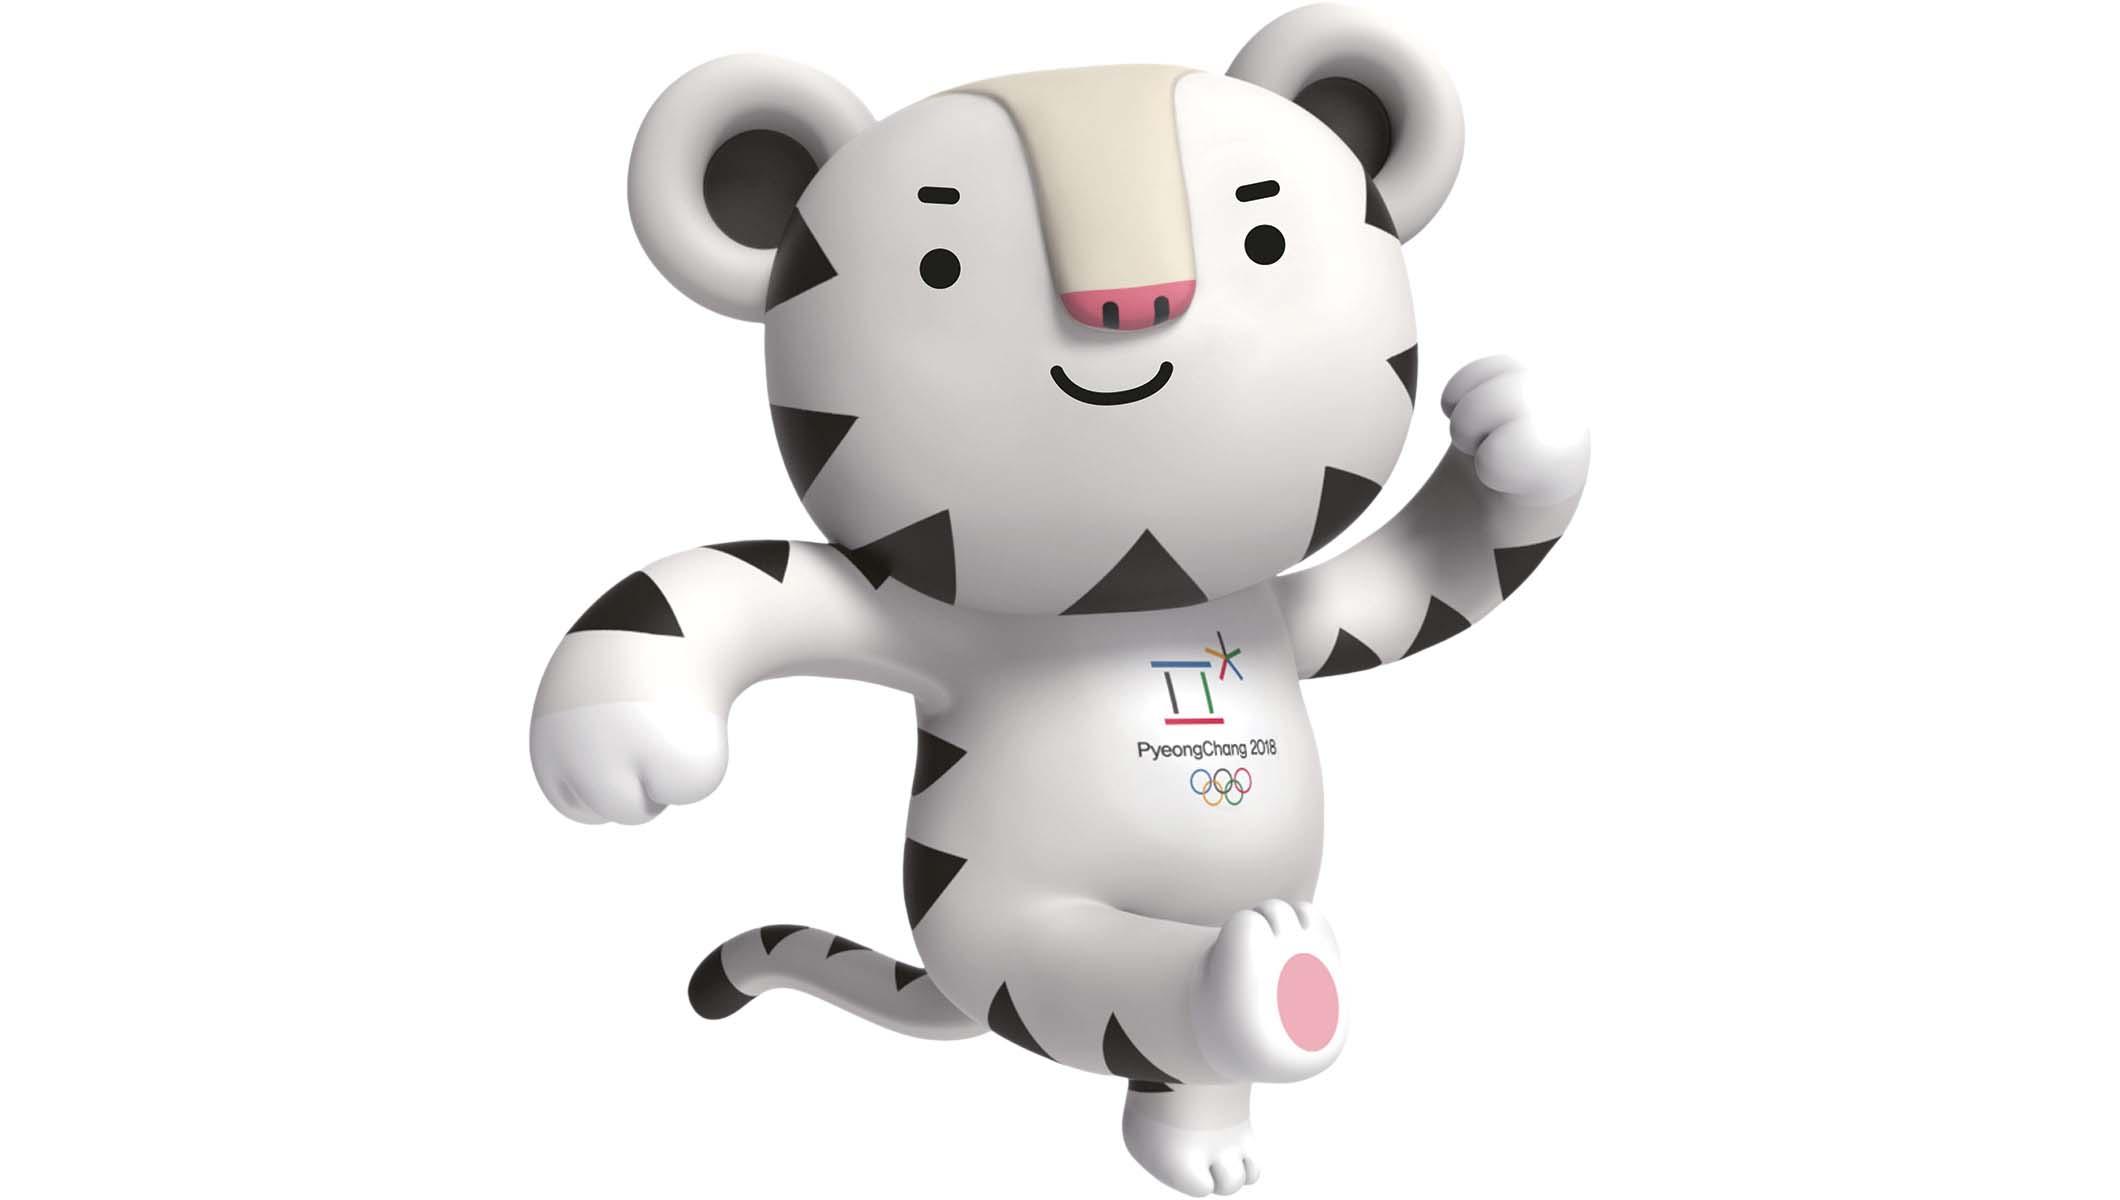 Prêt pour les Olympiques de PyeongChang? [Quiz]